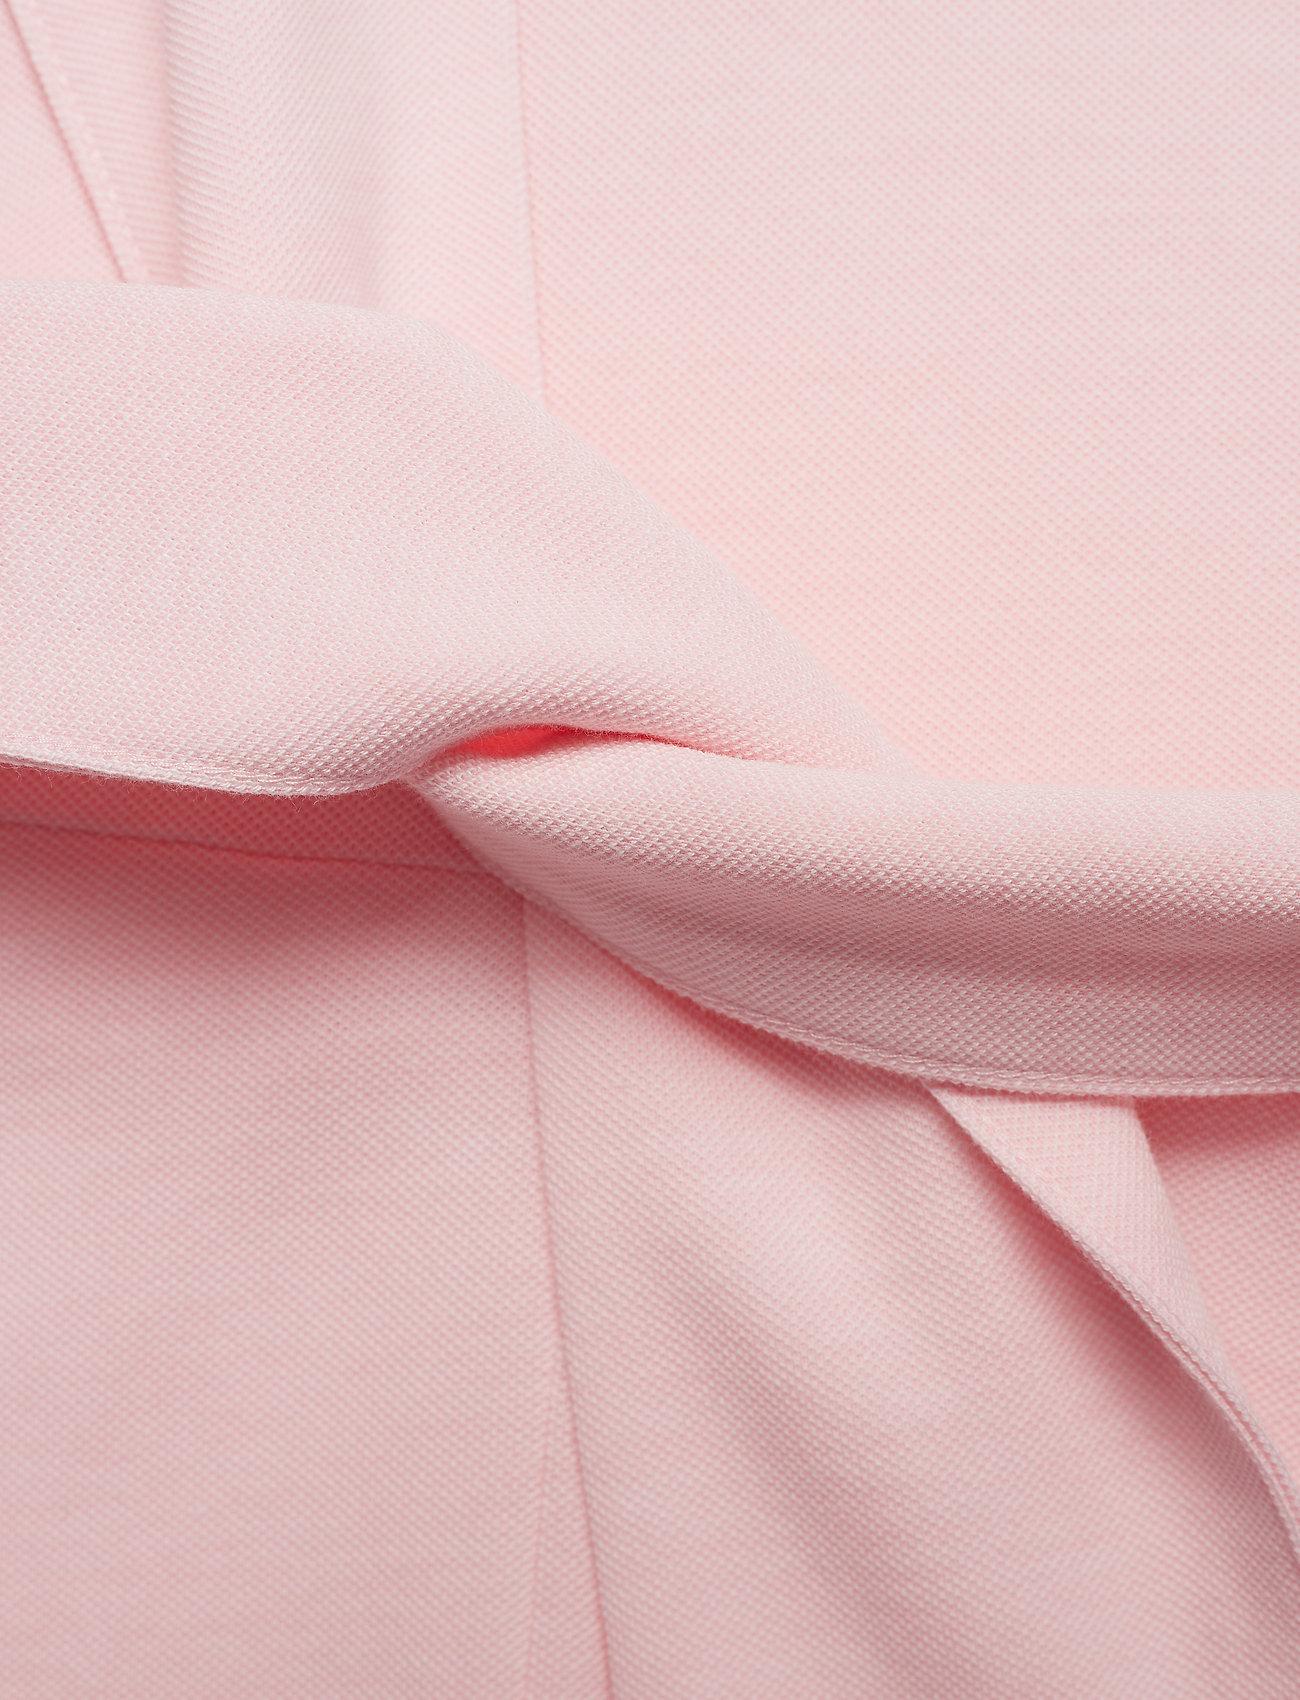 Pique PinkGant O2Oxford Pique O2Oxford Ss Dresscalifornia OukPiXZ